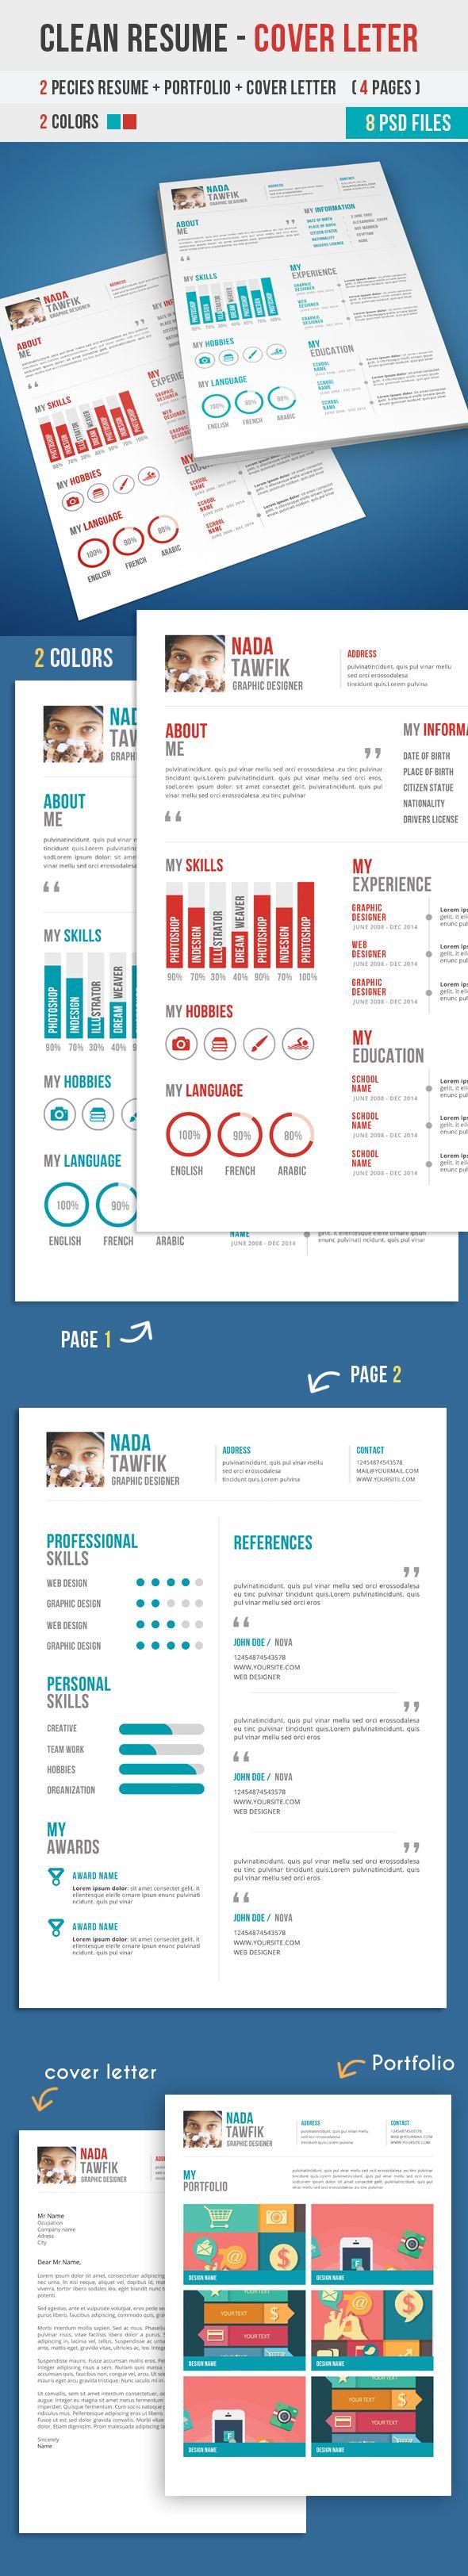 20 Modern CV / Resume Templates and Cover Letter | CVS | Pinterest ...